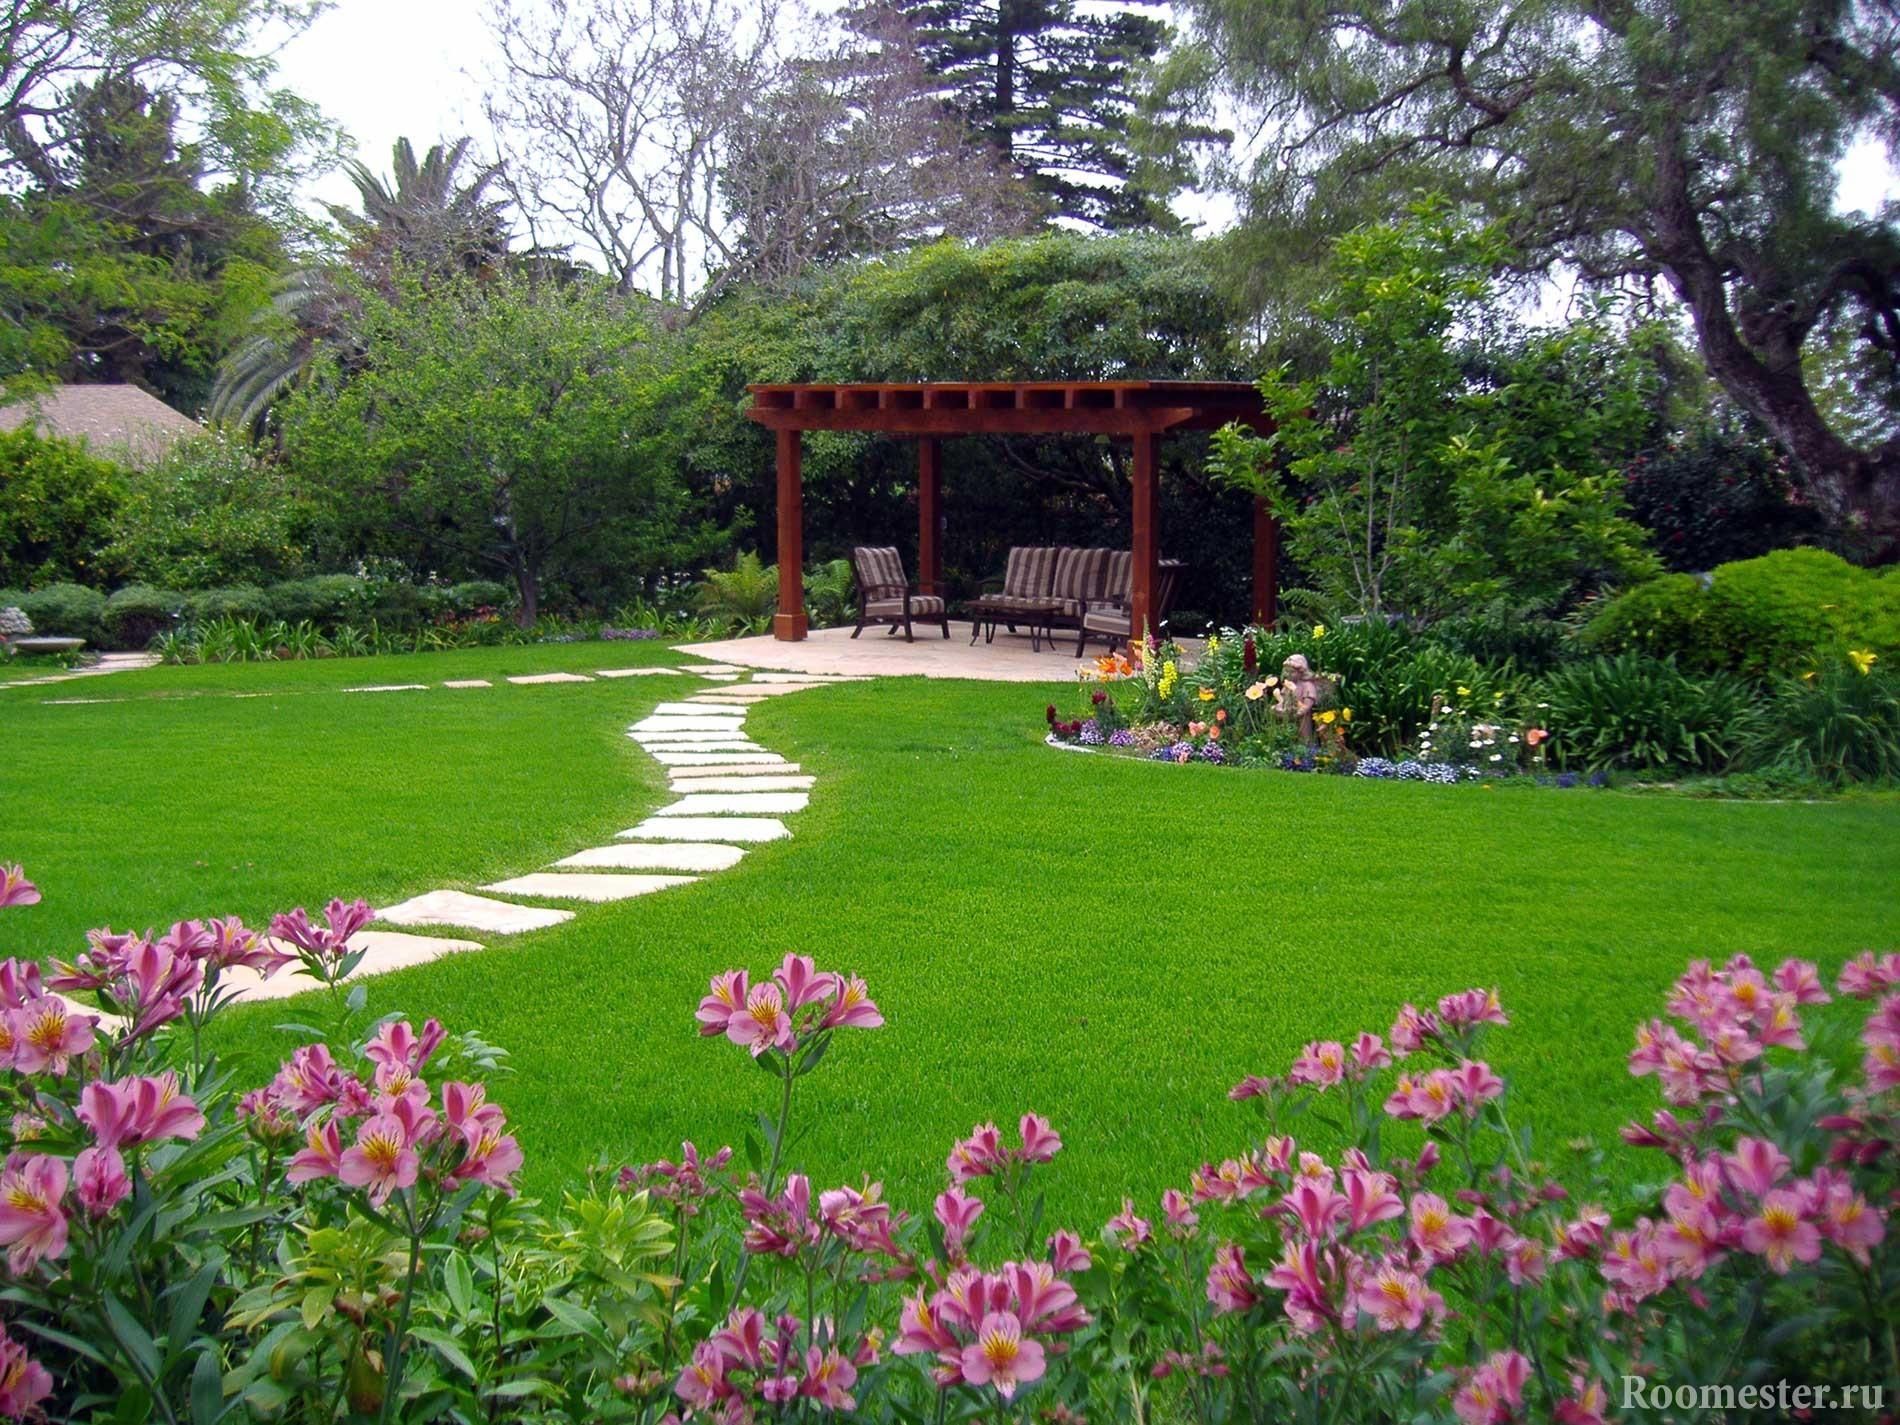 Progettare Un Giardino In Campagna terreno paesaggistico di una casa di campagna. abbellimento